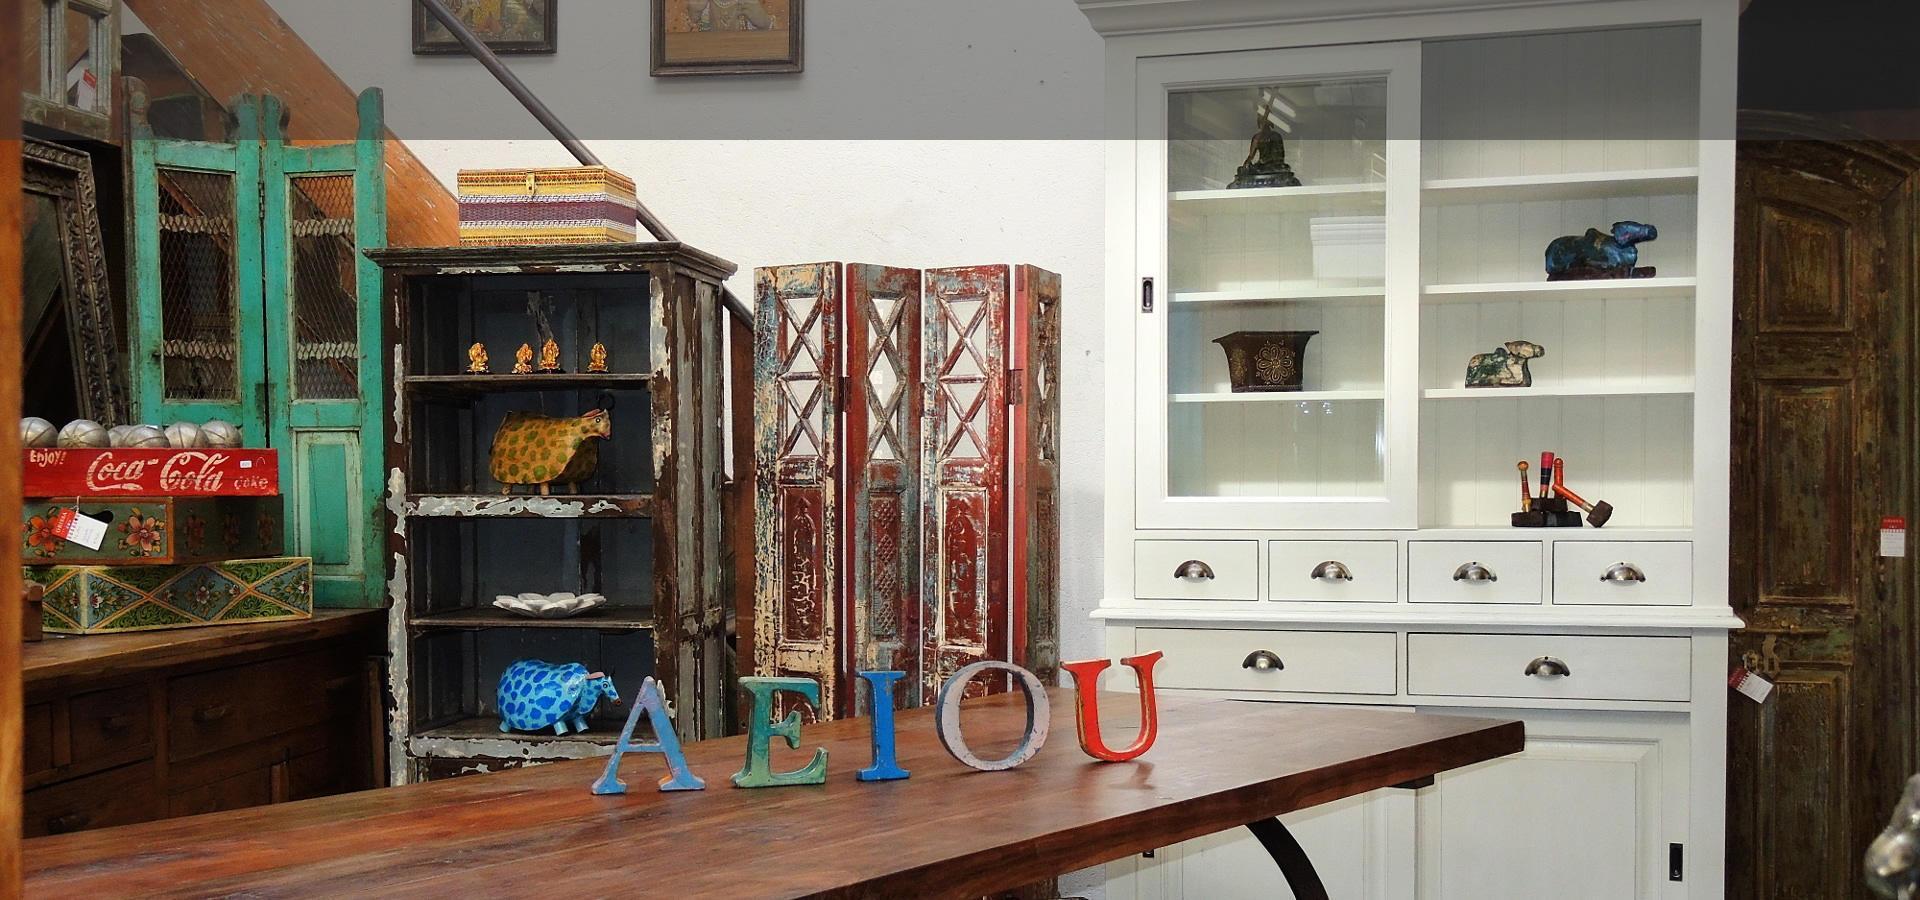 Arredamento Etnico Chic : Arredamento casa etnico galleria foto arredare casa in stile